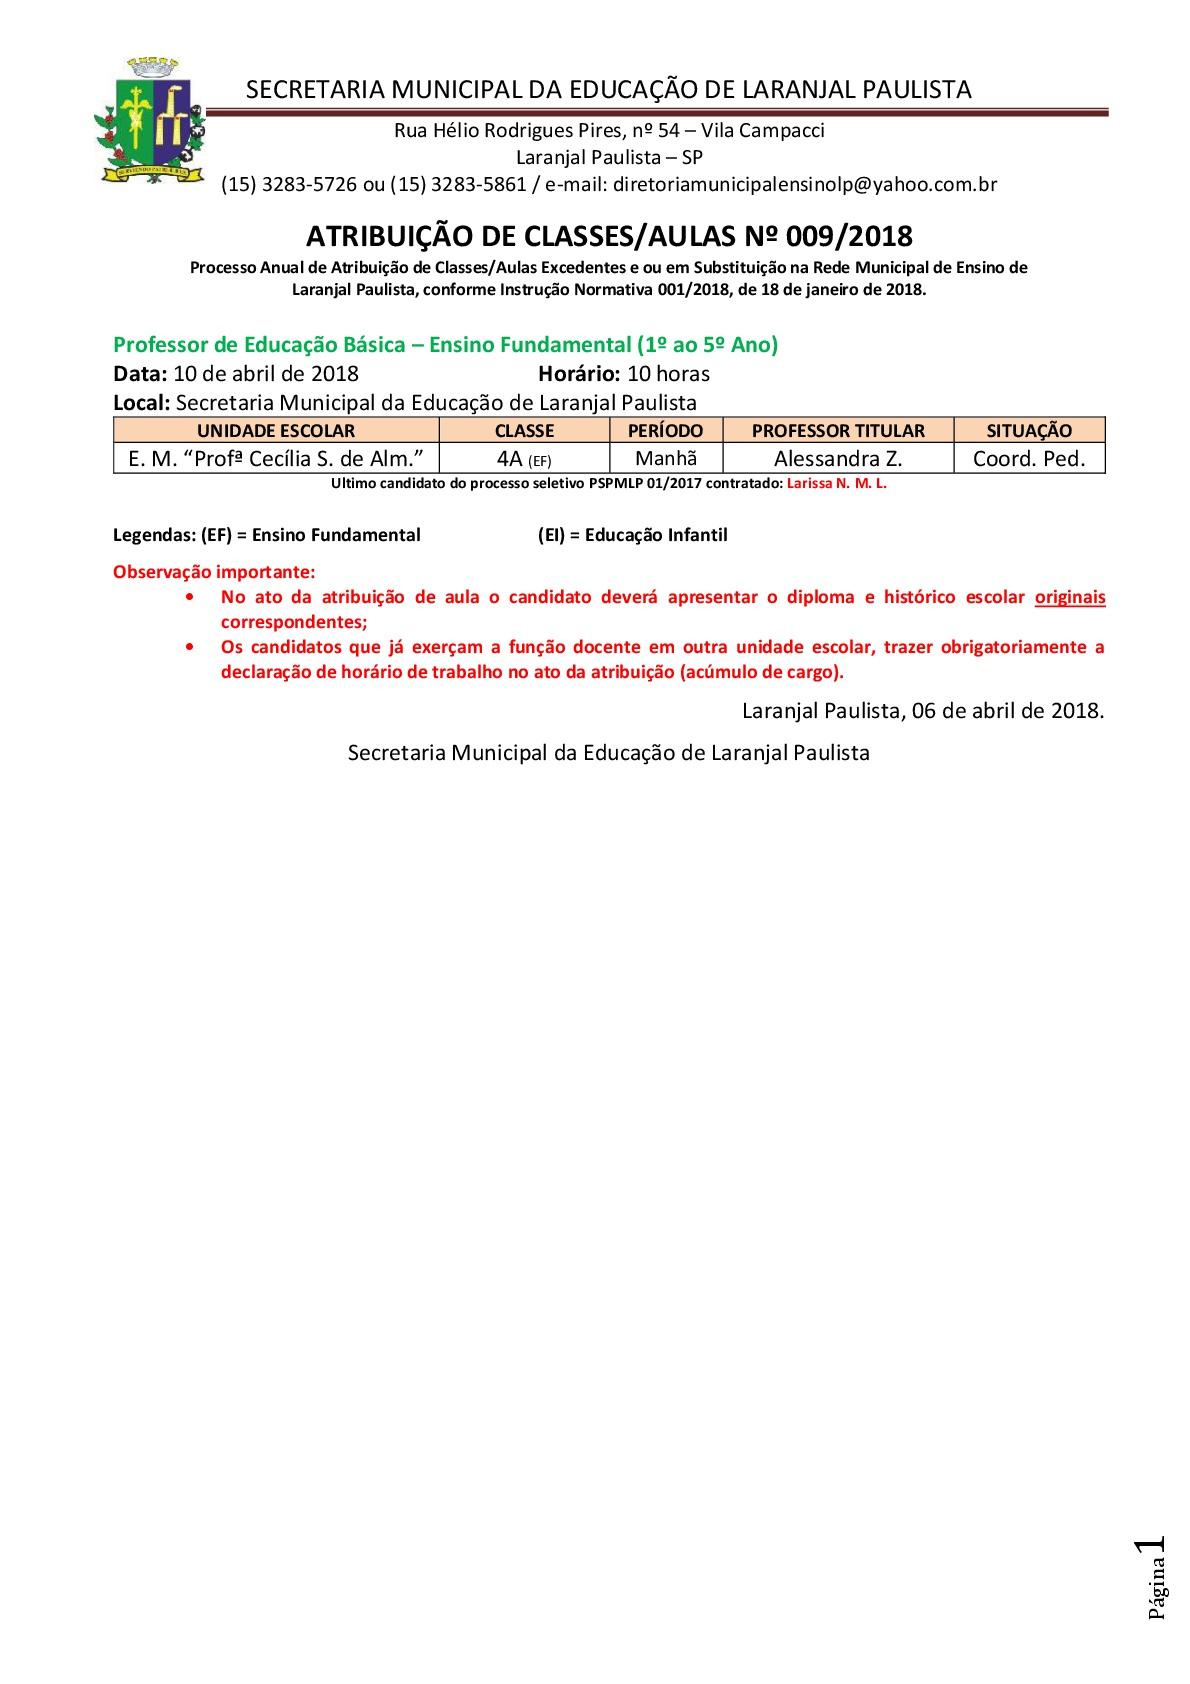 Atribuição de classes e ou aulas excedentes nº 009/2018